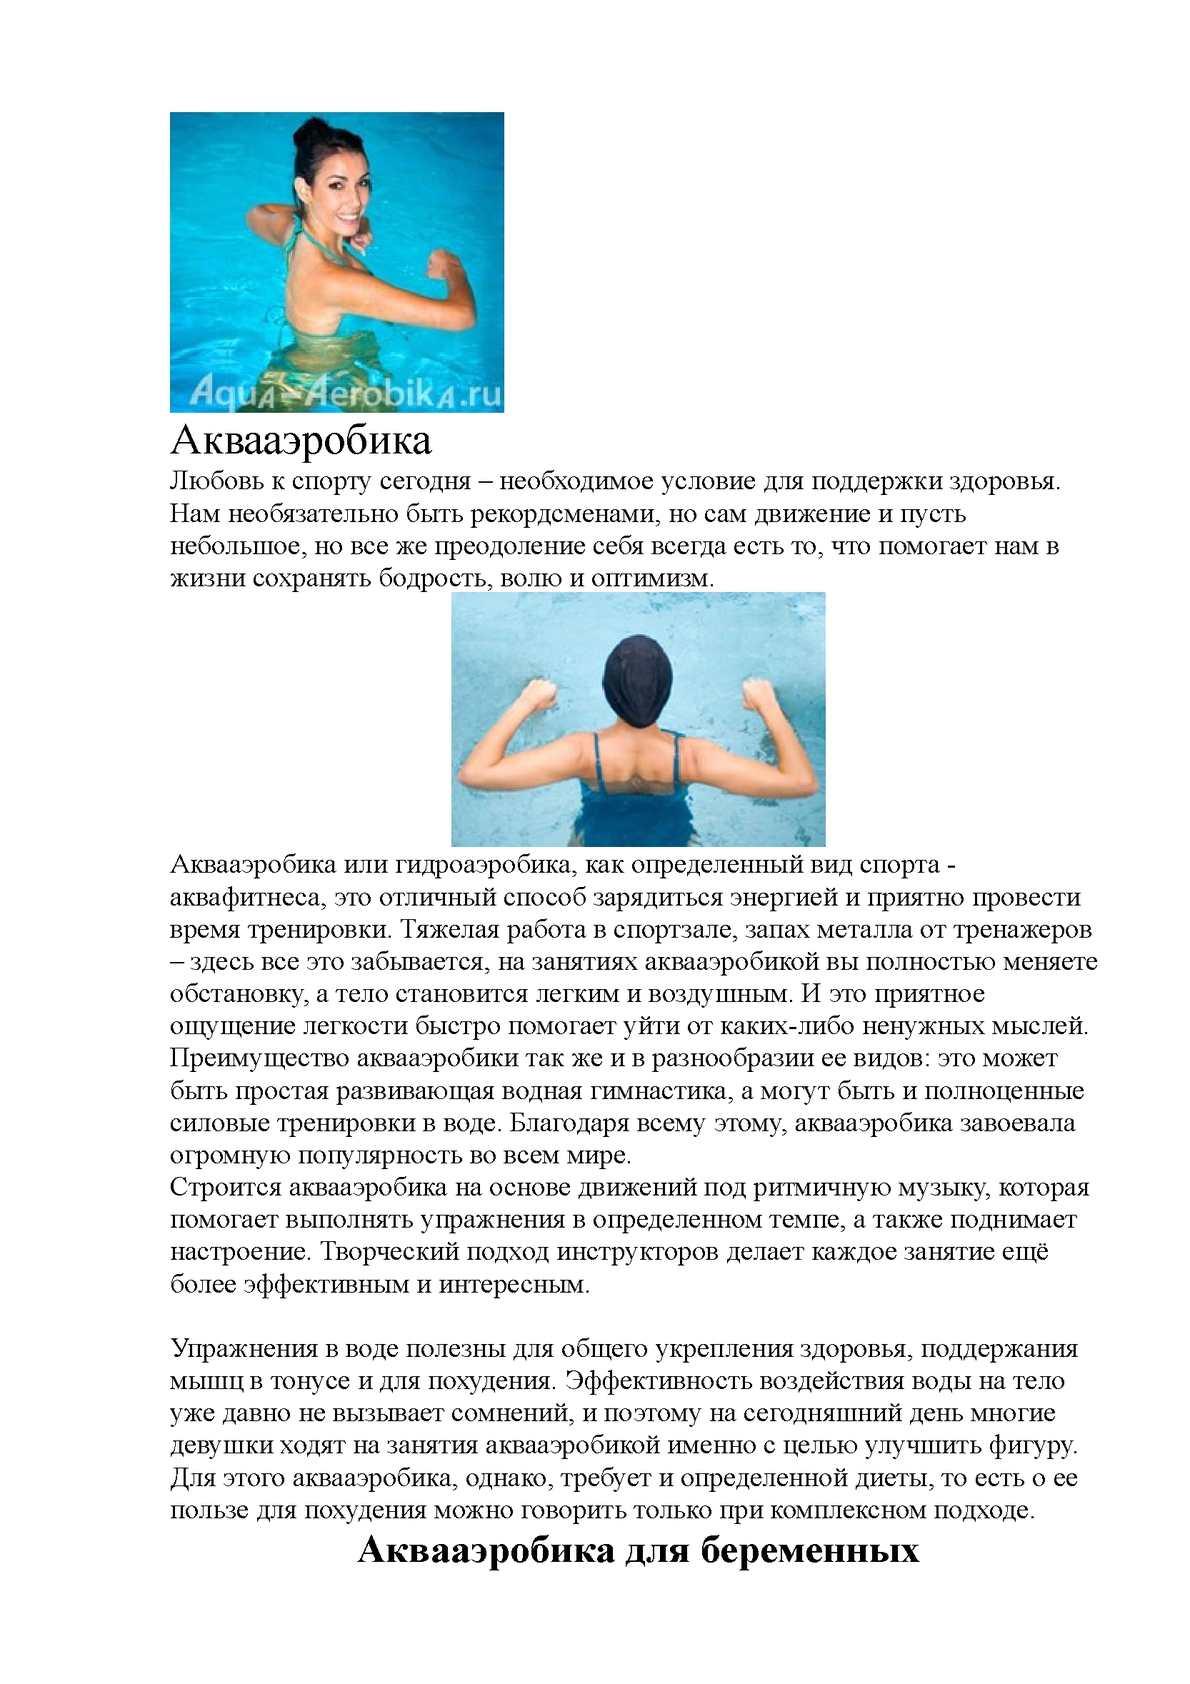 Аквааэробика Эффективность Для Похудения.